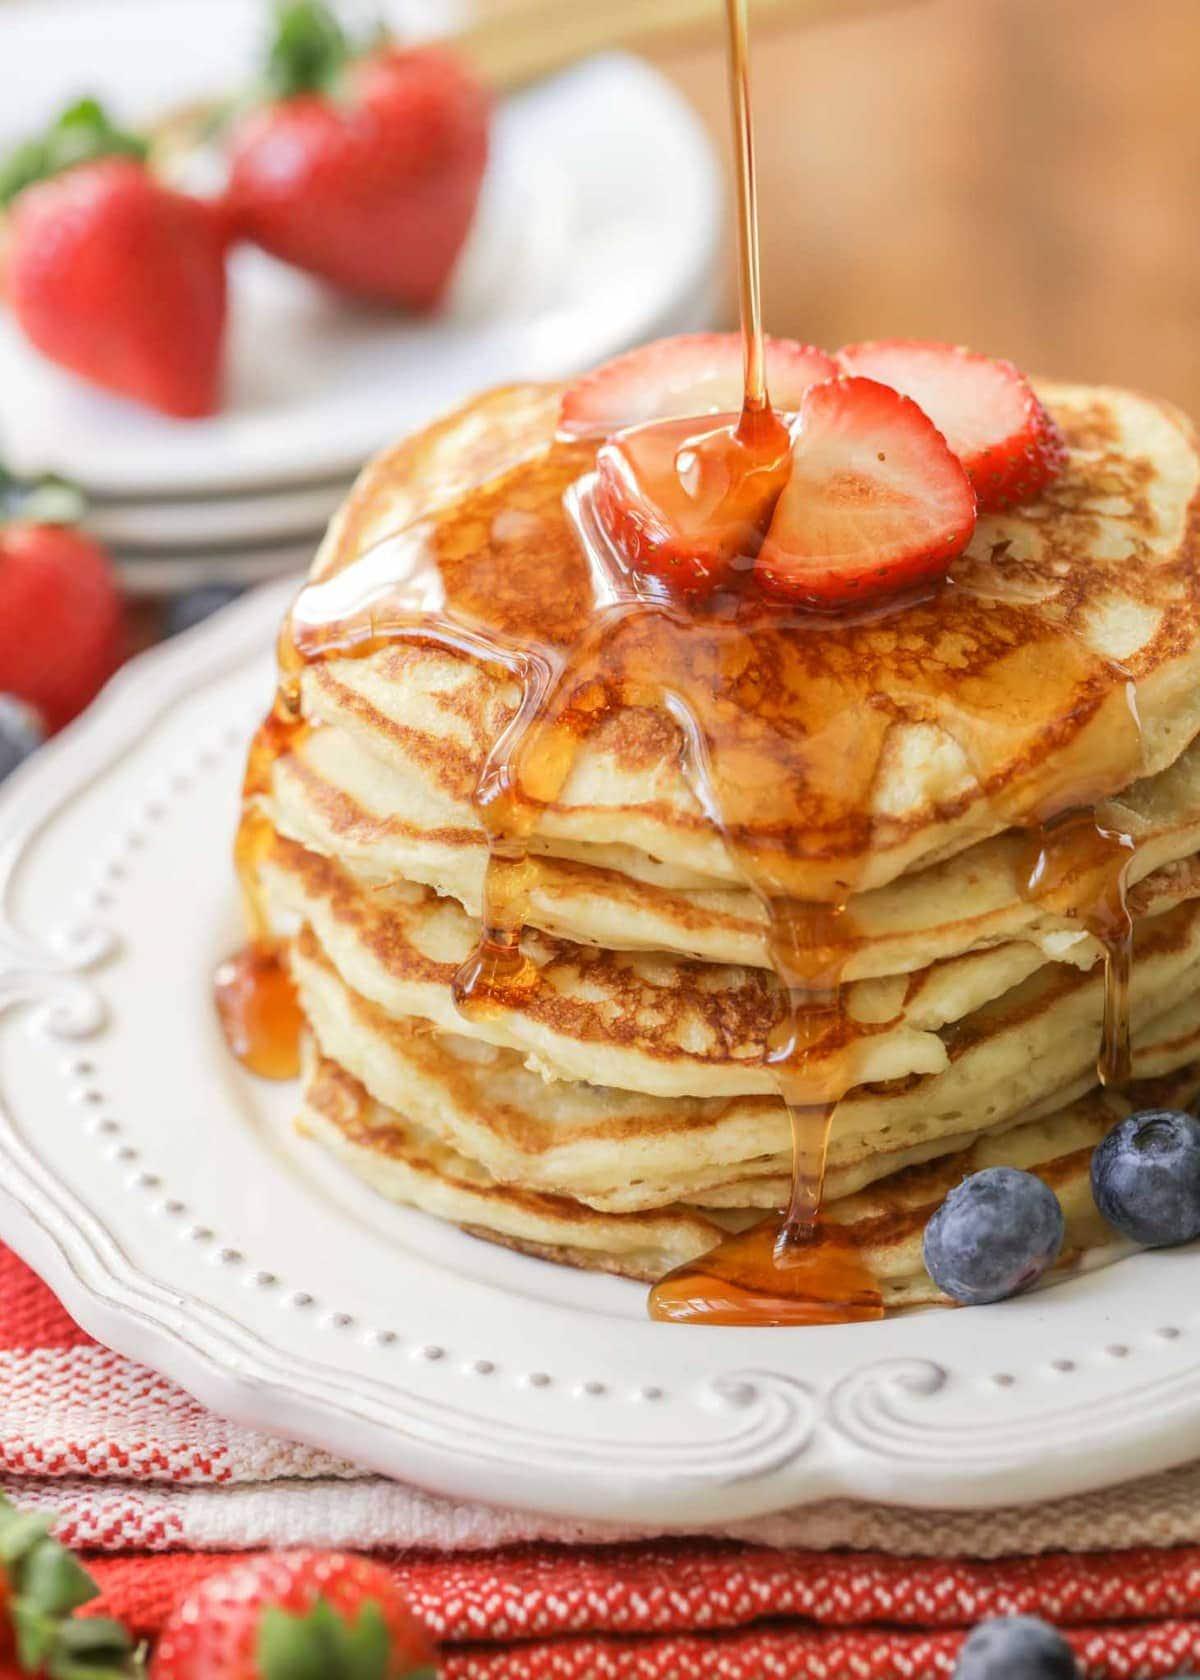 Buttermilk Pancake Recipe from Scratch